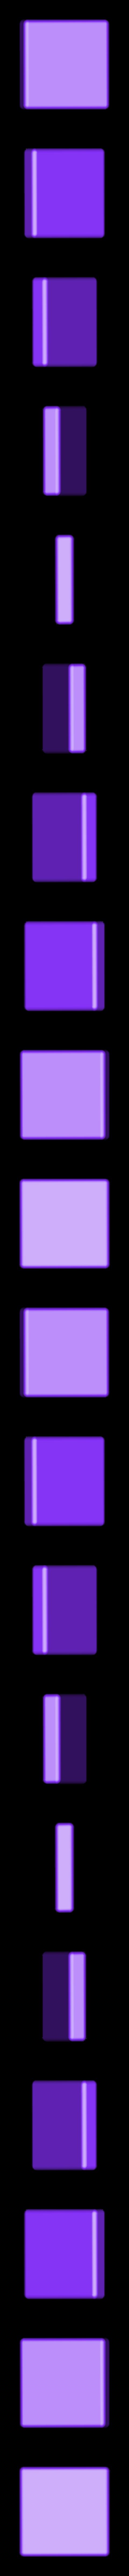 BlankPiece.STL Télécharger fichier STL gratuit Pièces et support SCRABBBLE • Design pour imprimante 3D, Balkhagal4D